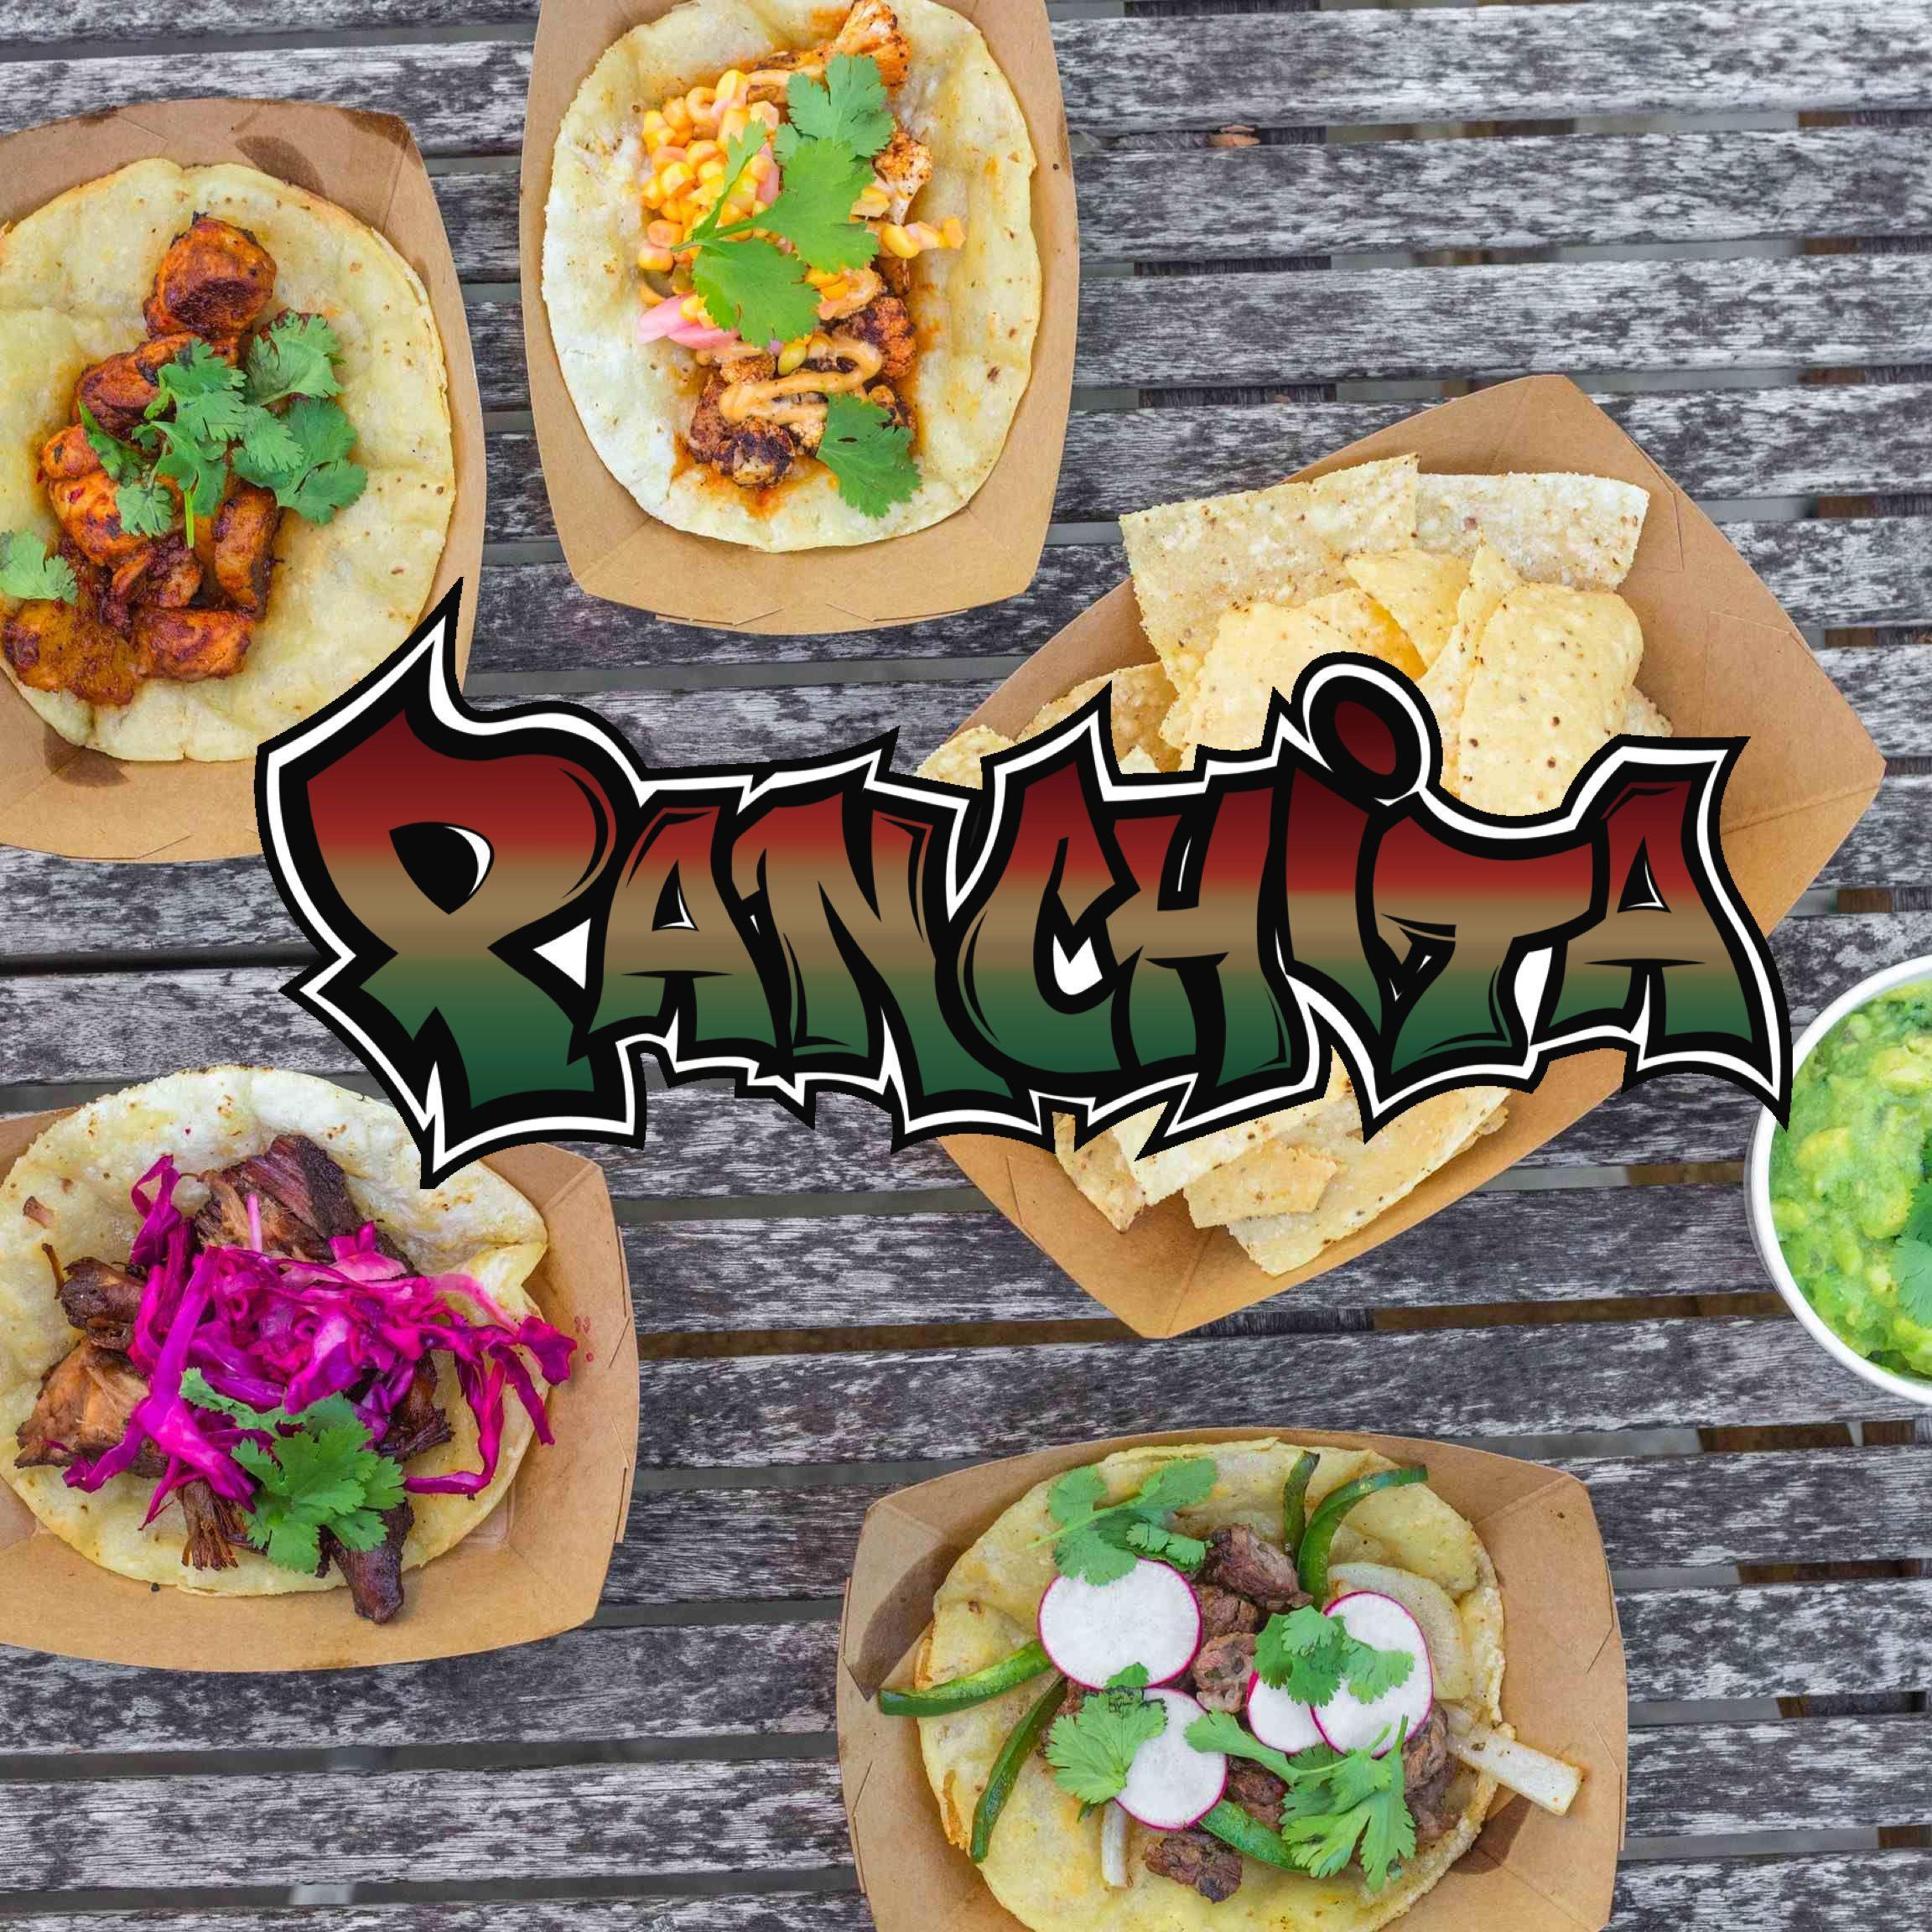 Panchita Taco Taco